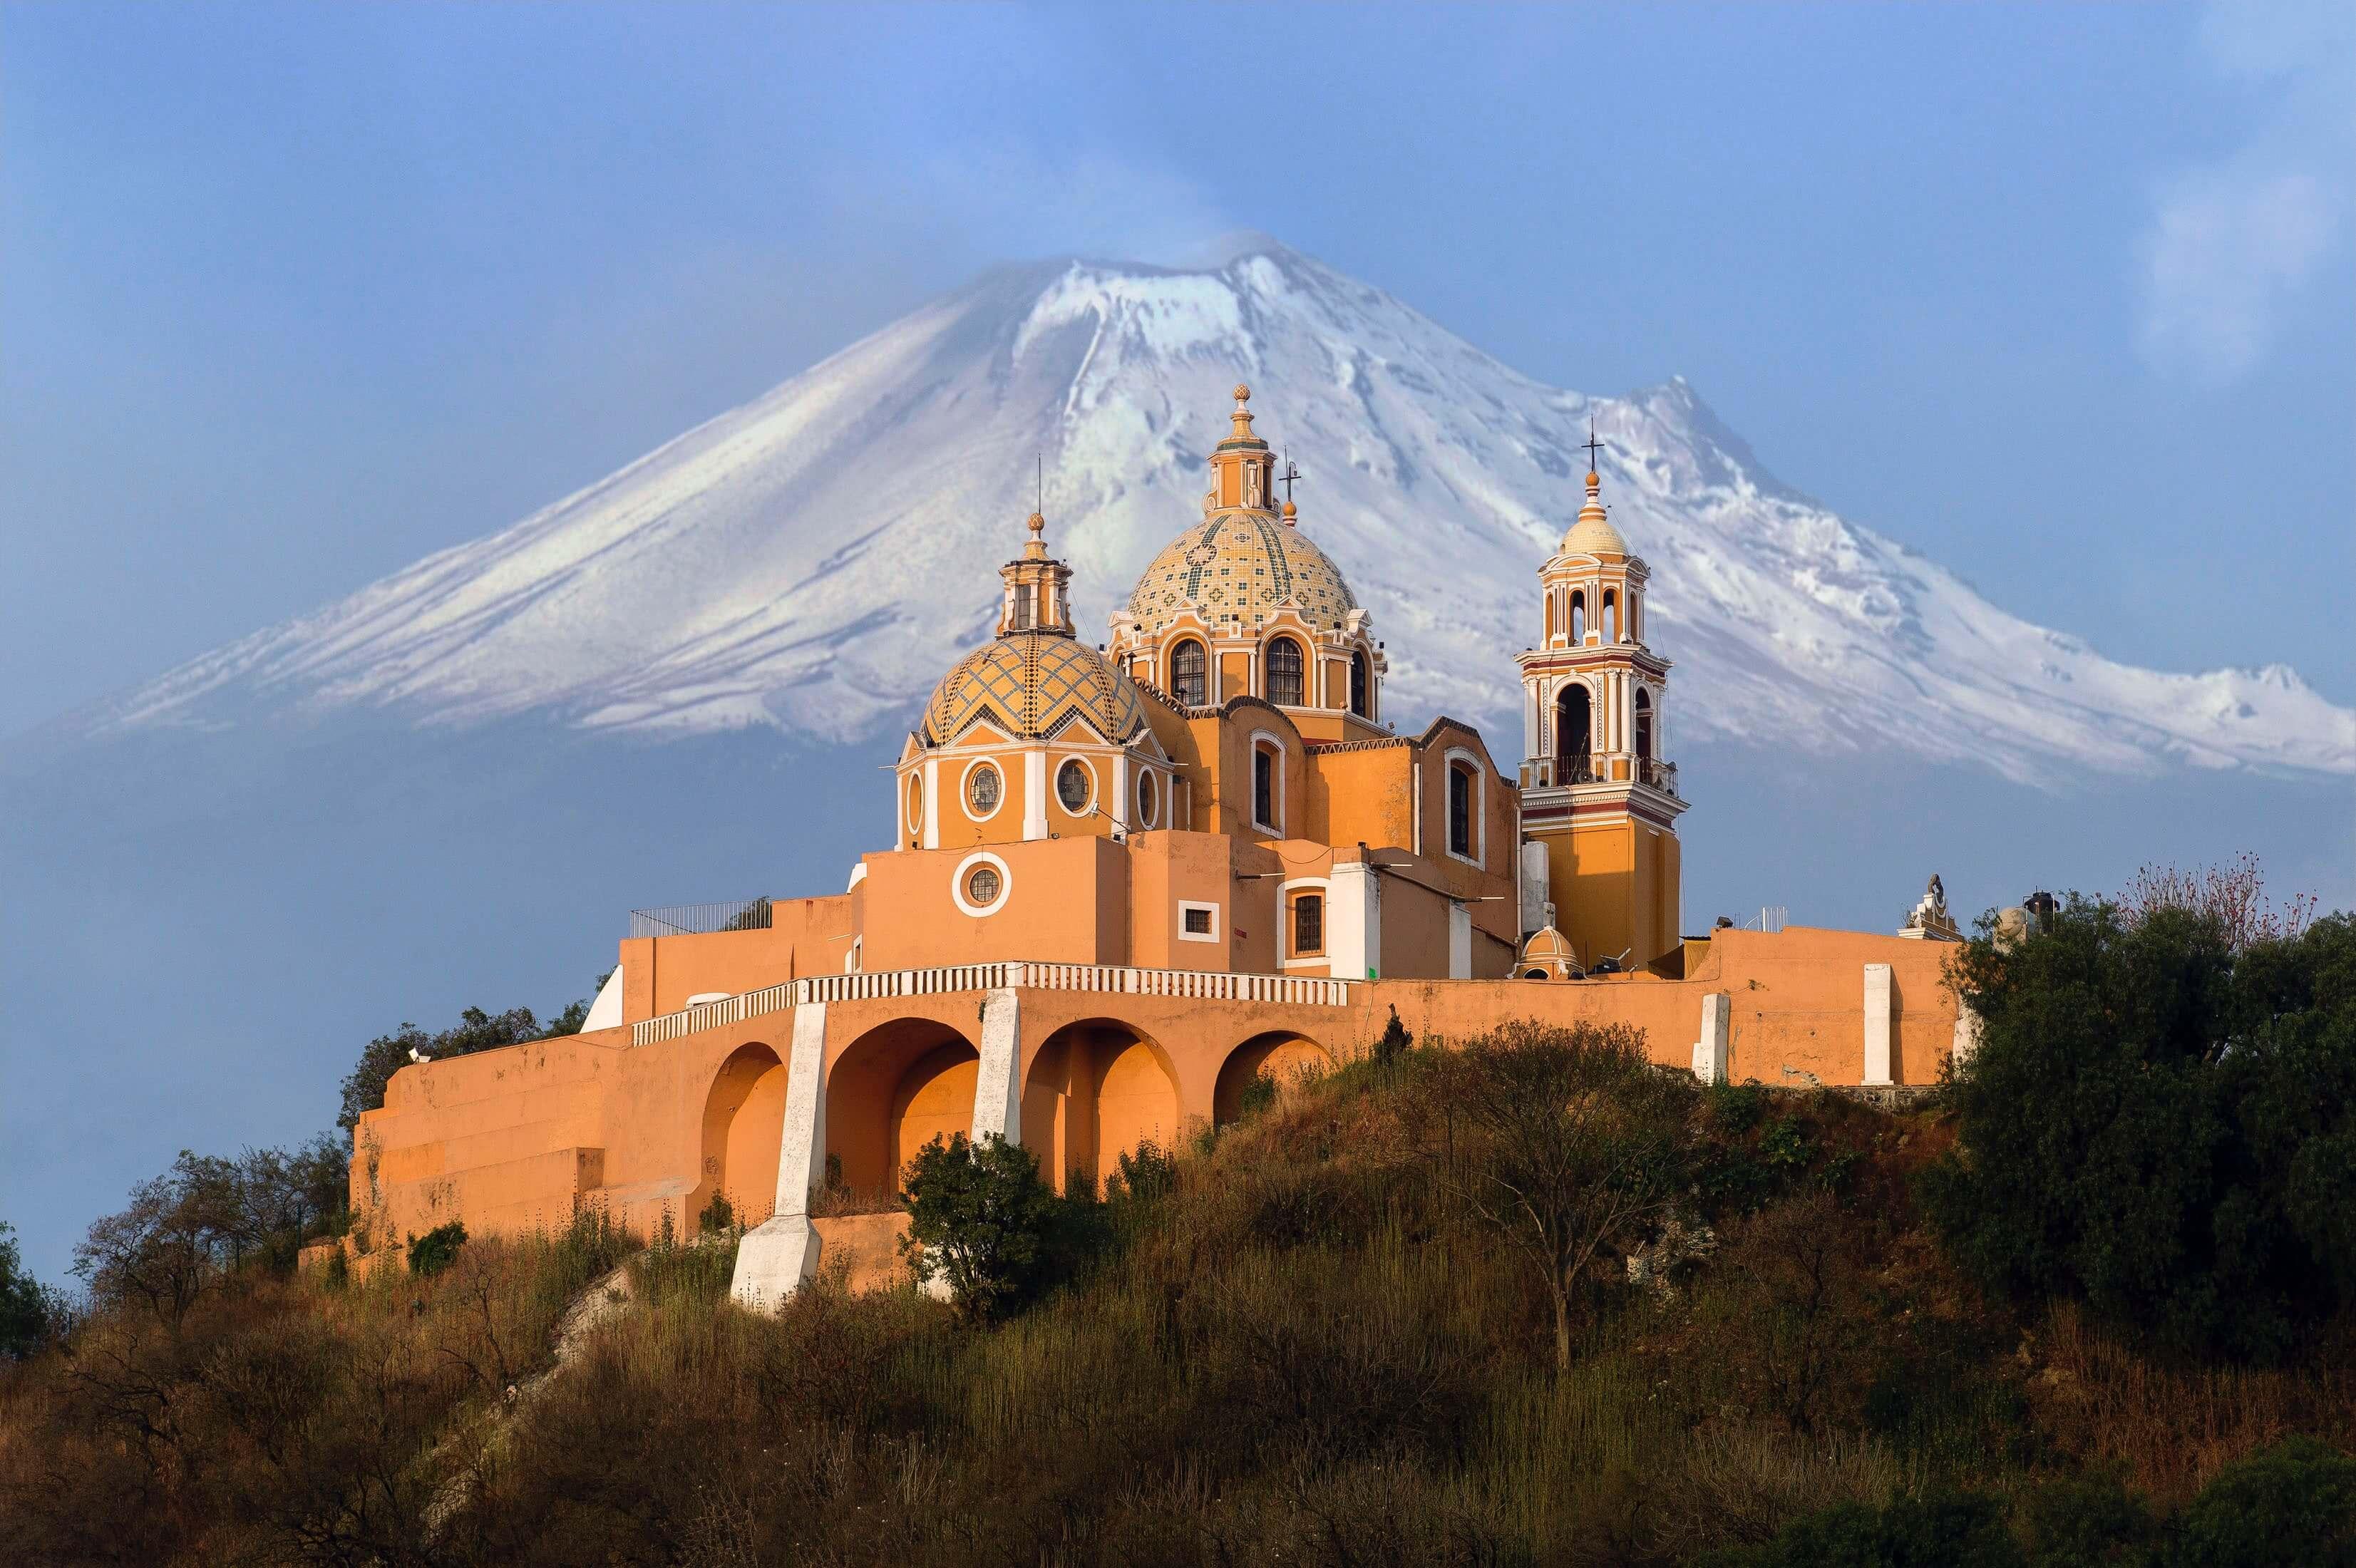 Tempel von einem schneebedeckten Vulkan